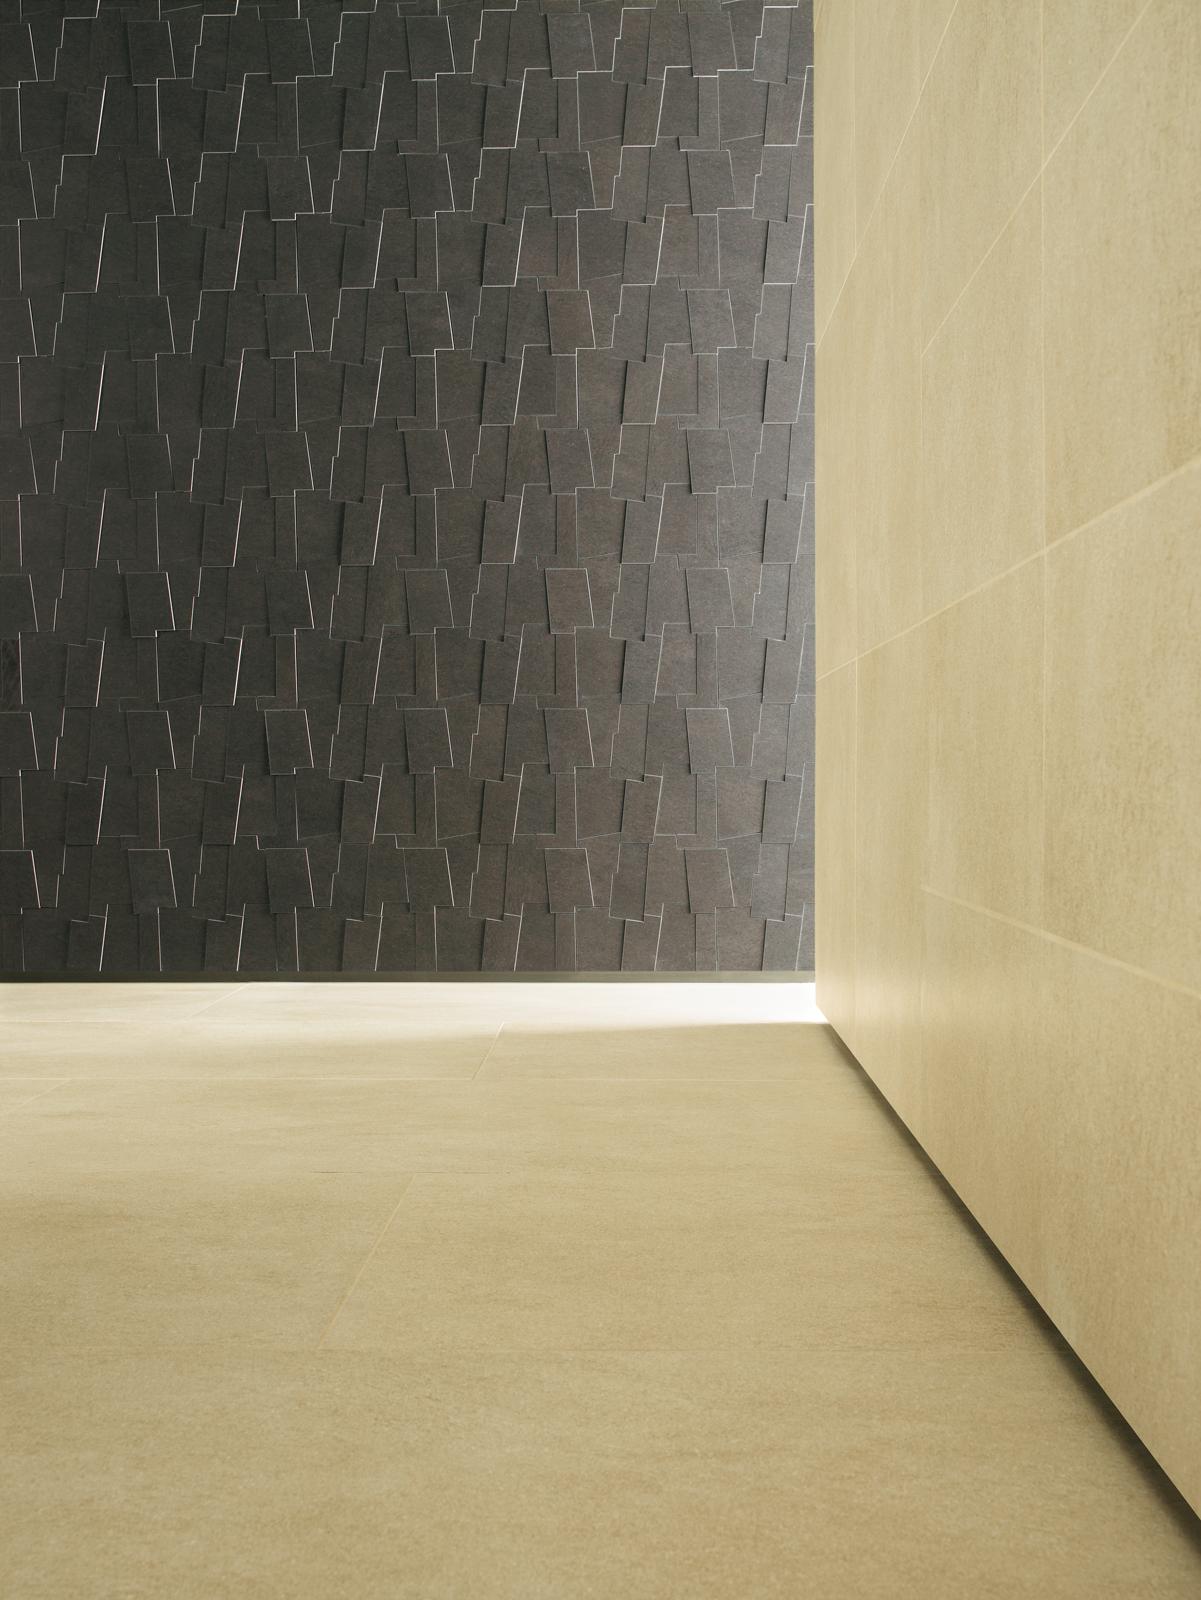 Wandgestaltung wohnzimmer streifen braun – dumss.com